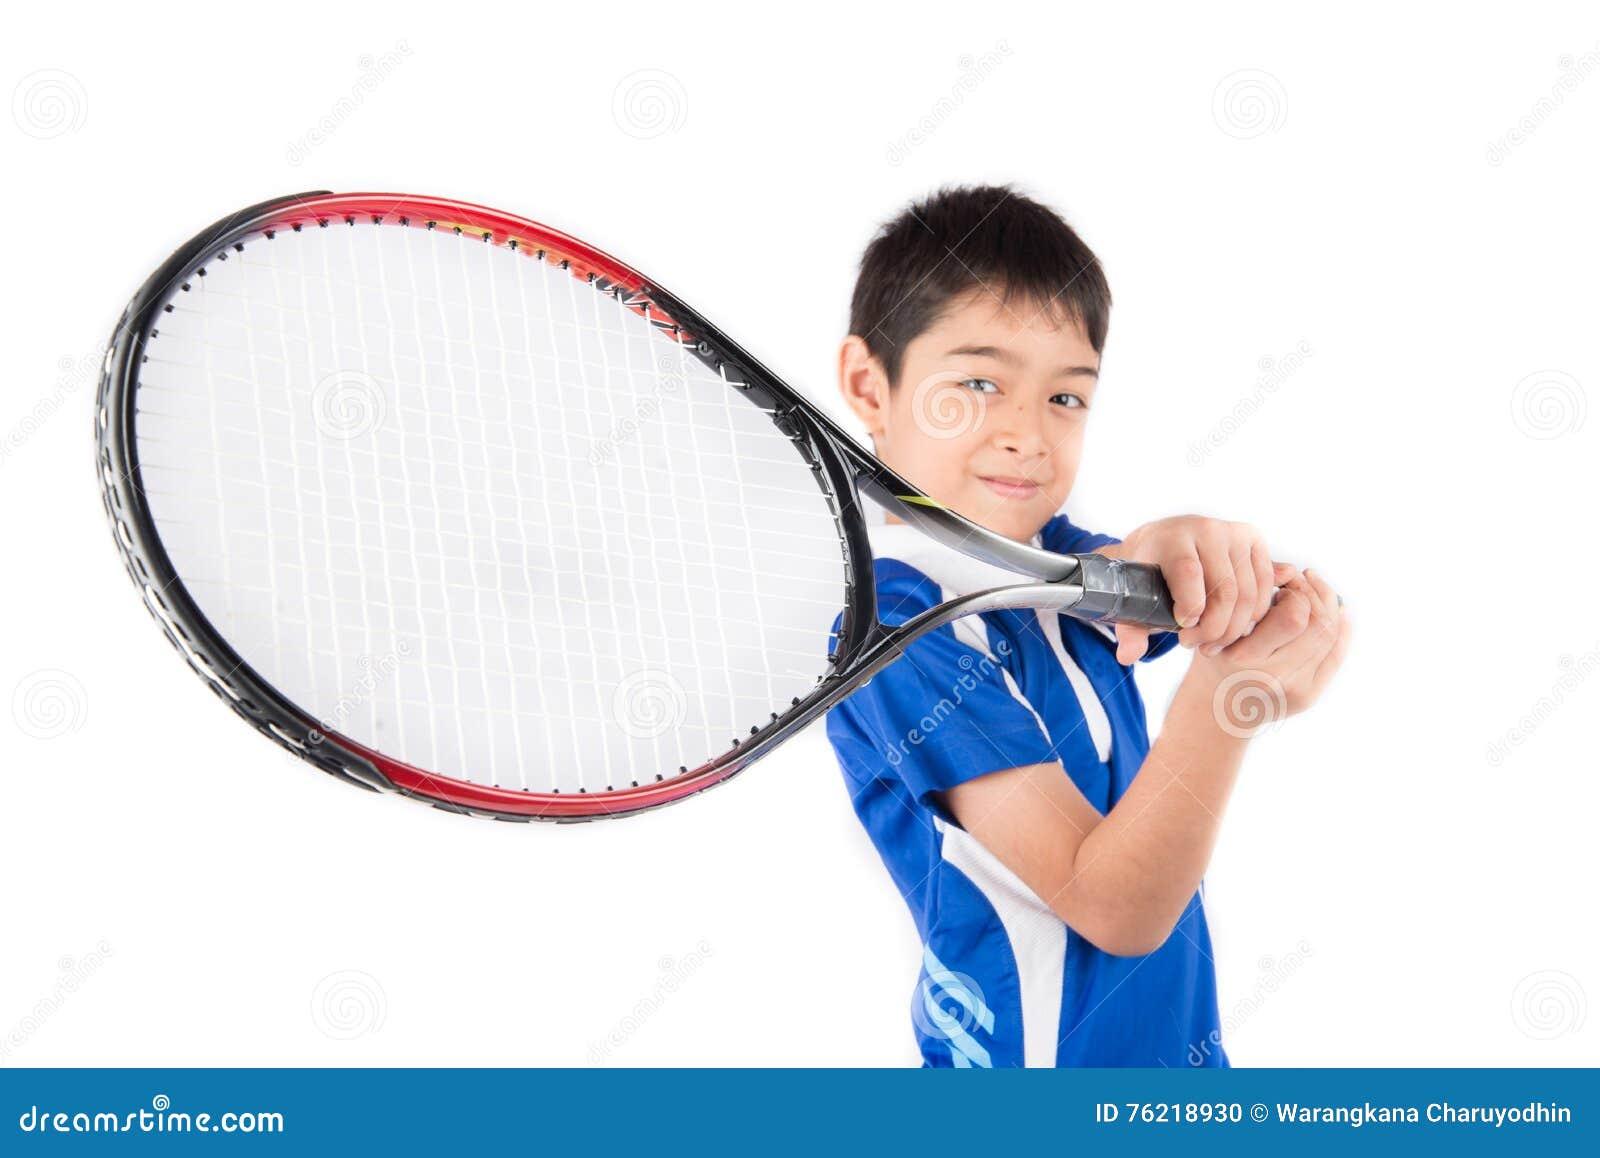 Chłopiec bawić się tenisowego kant i tenisową piłkę w ręce